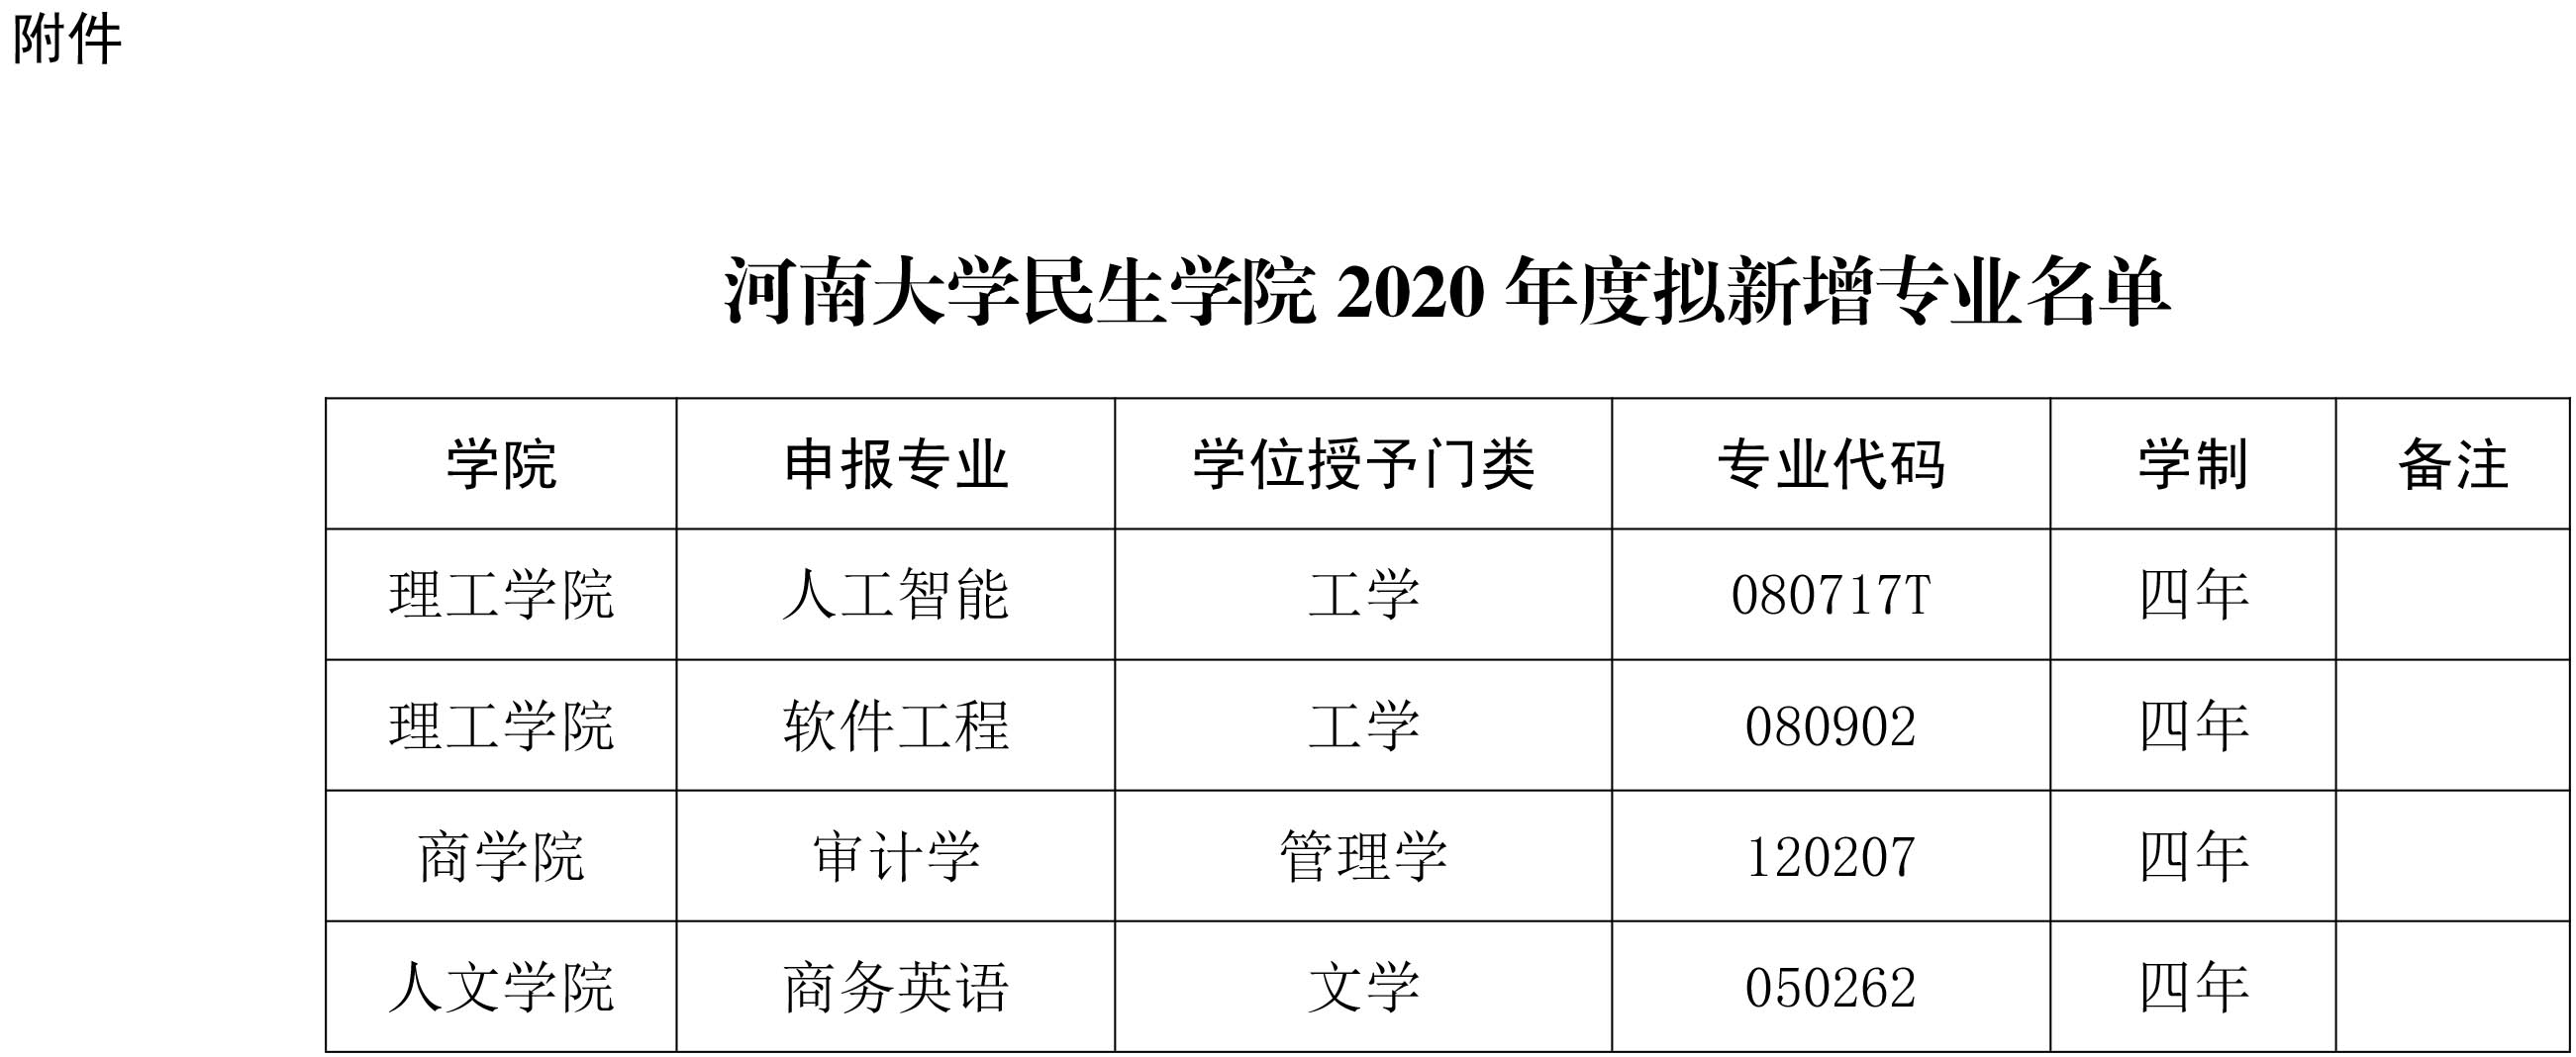 民生学院关于2020年度拟新增专业的公示